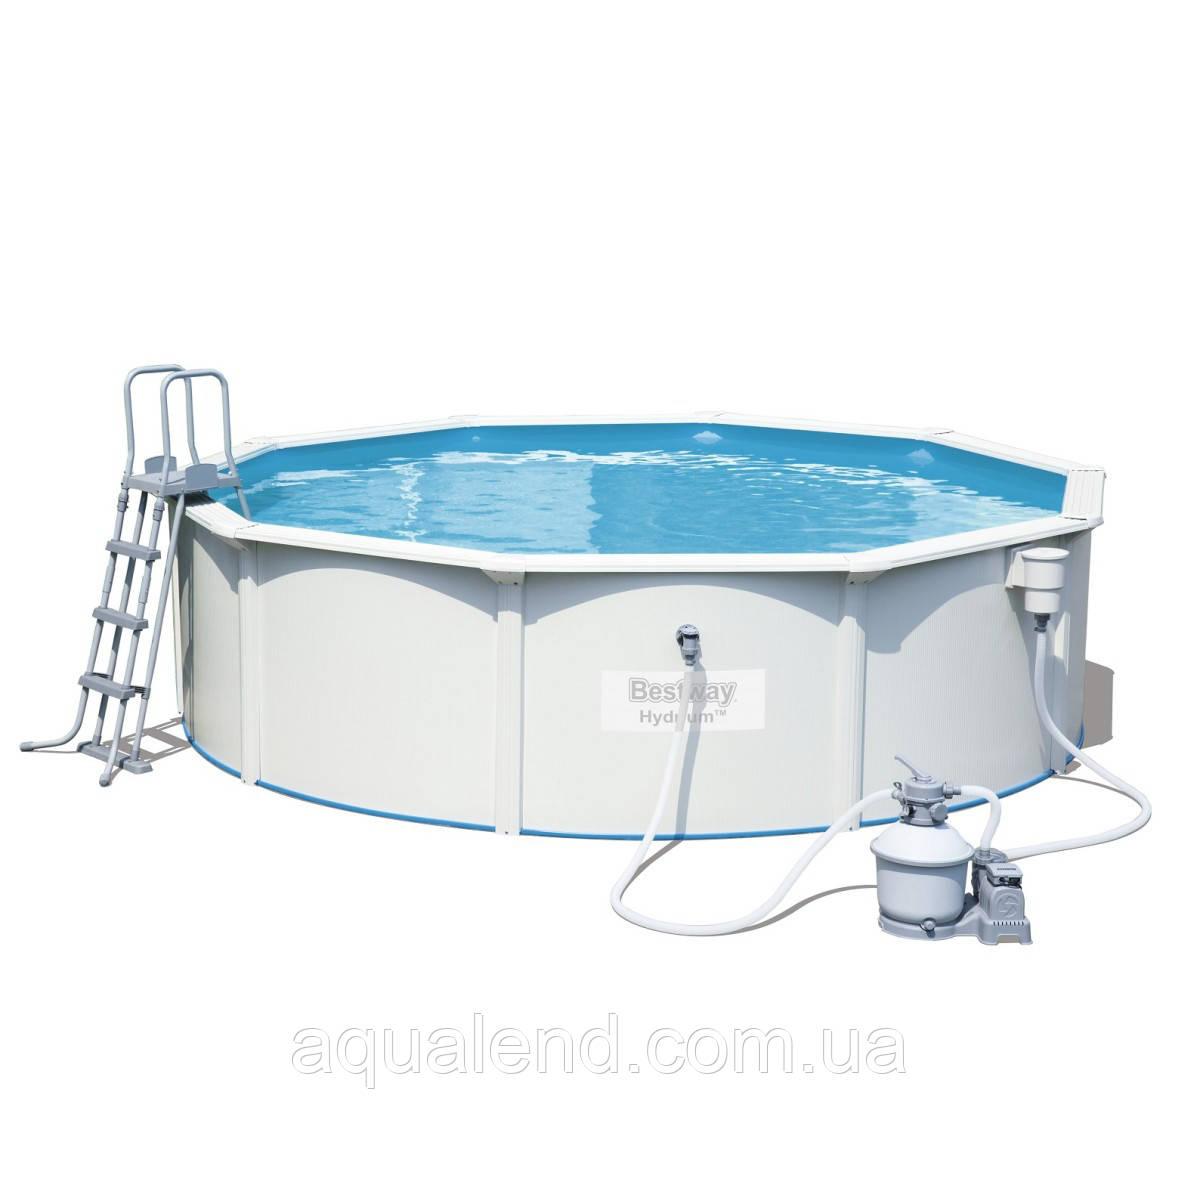 Збірний басейн Bestway Hydrium 56384 (460x120) з пісочний фільтром